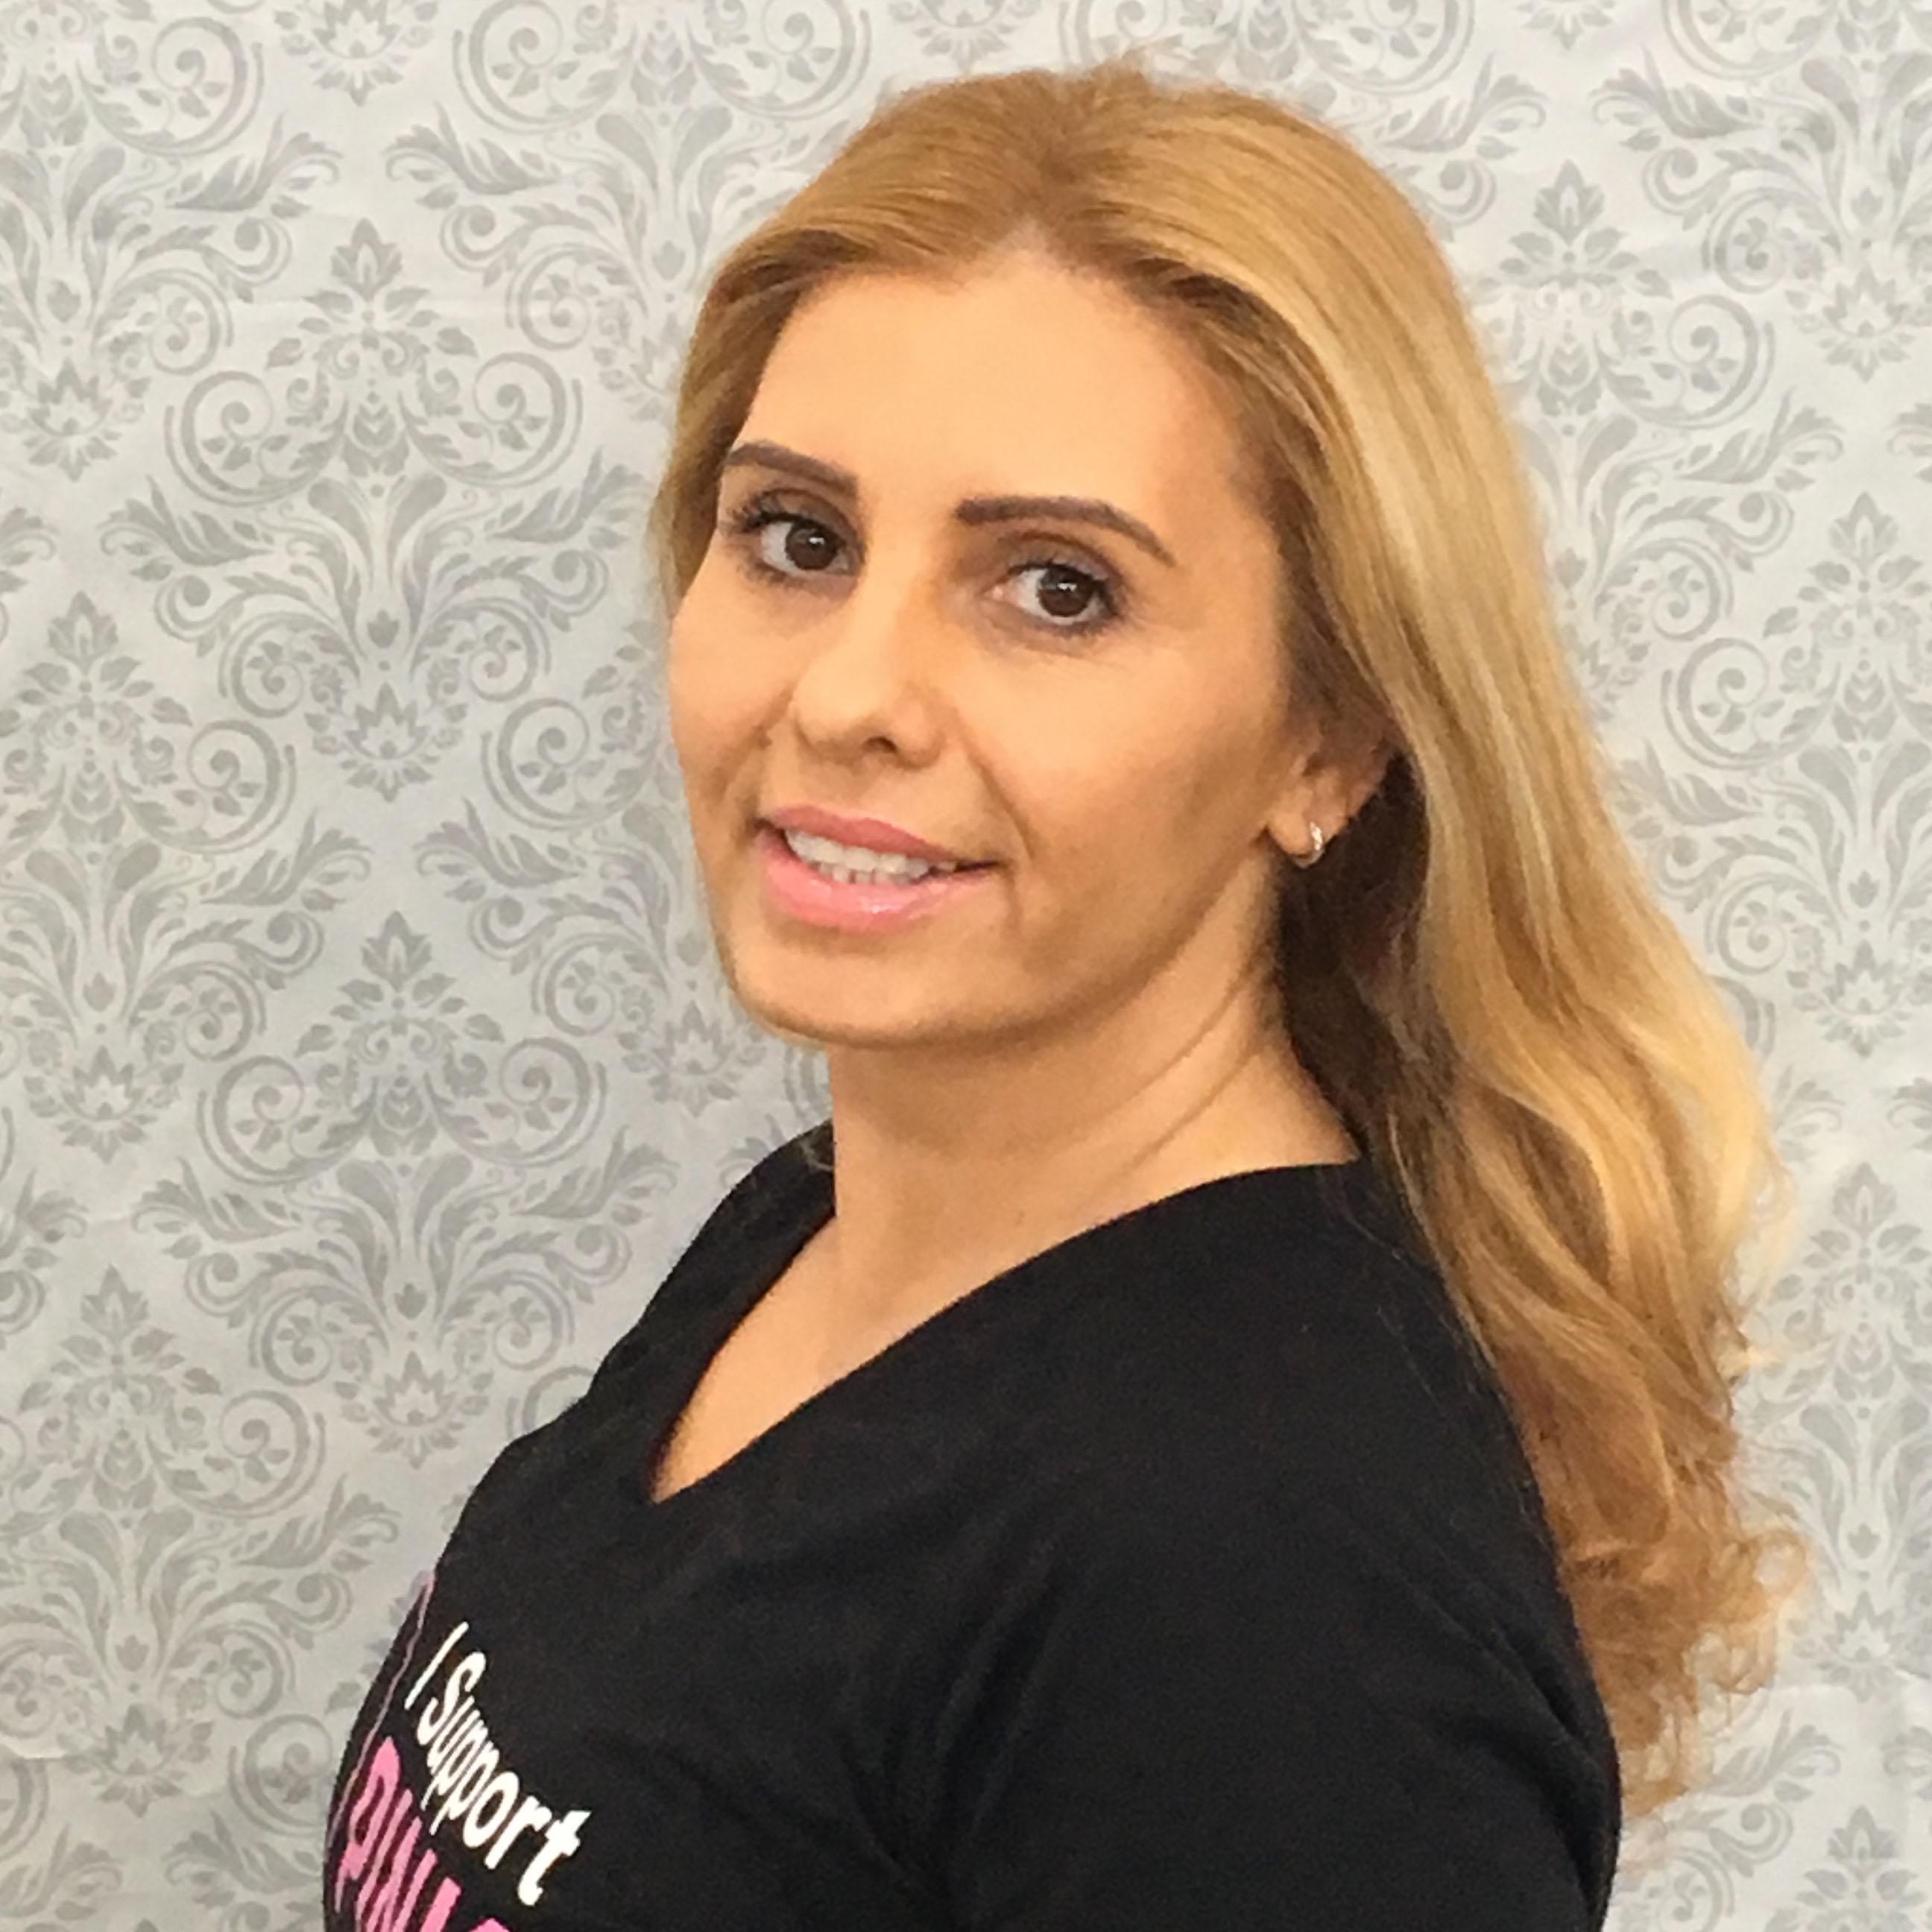 Gabriella Borine